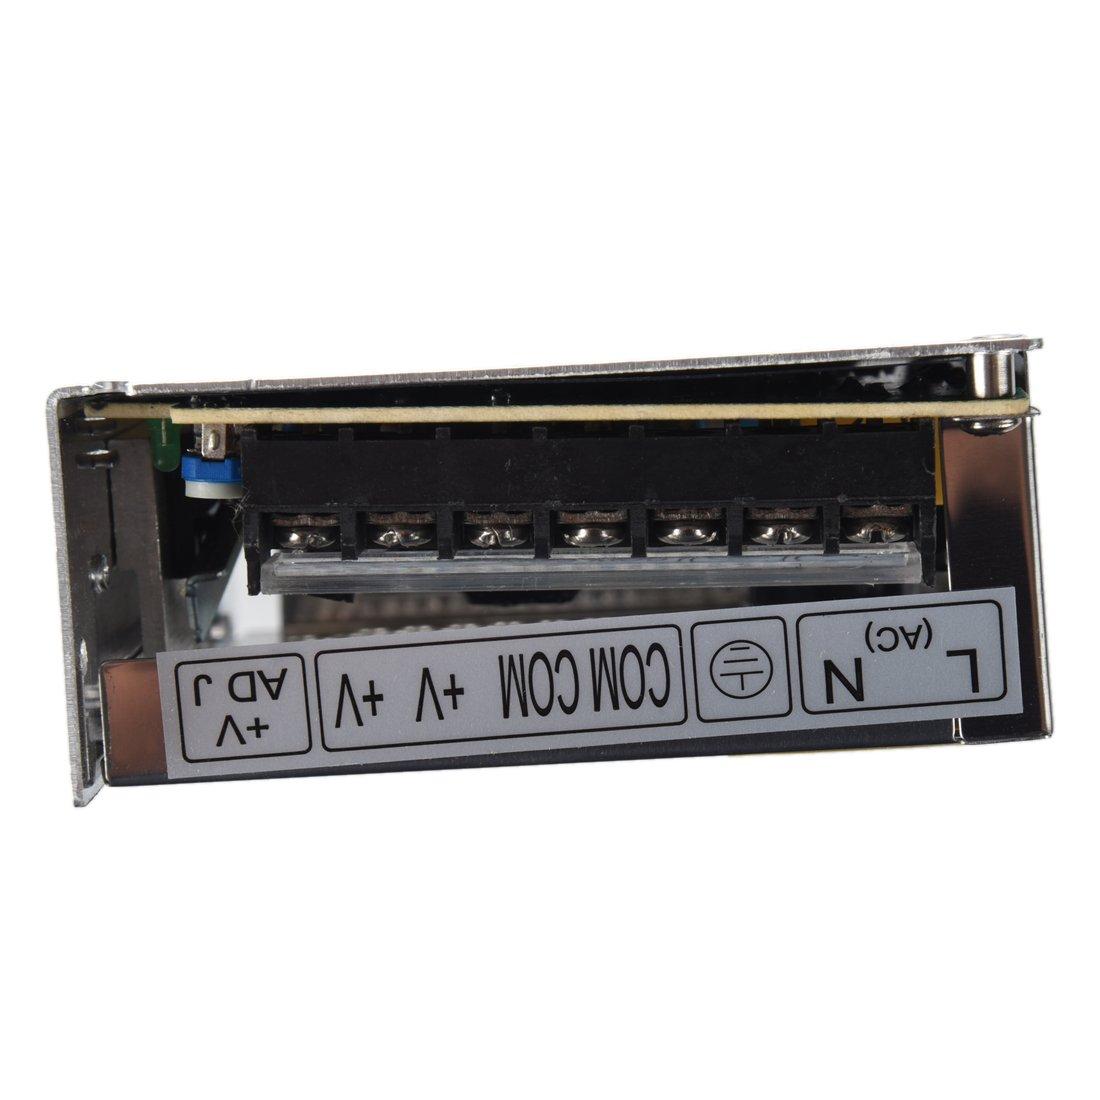 DC12V 8.5A 100W Commutateur Interrupteur Alimentation Adaptateur pour LED Bande SODIAL R